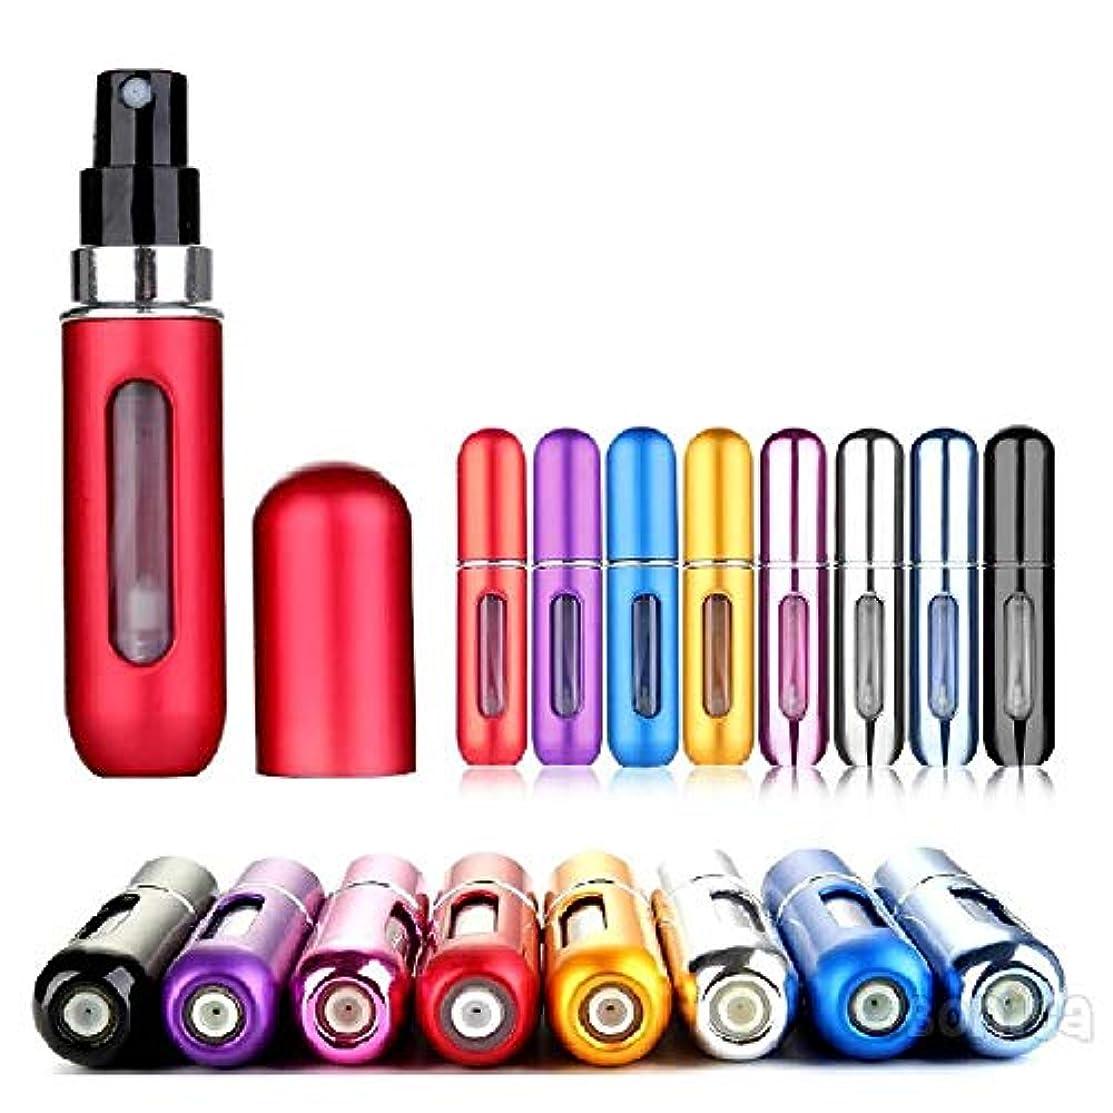 毎年拾う去る5ml香水アトマイザー レディース スプレーボトル ボトル式 スプレー 香水噴霧器旅行携帯便利 詰め替え容器 (銀)